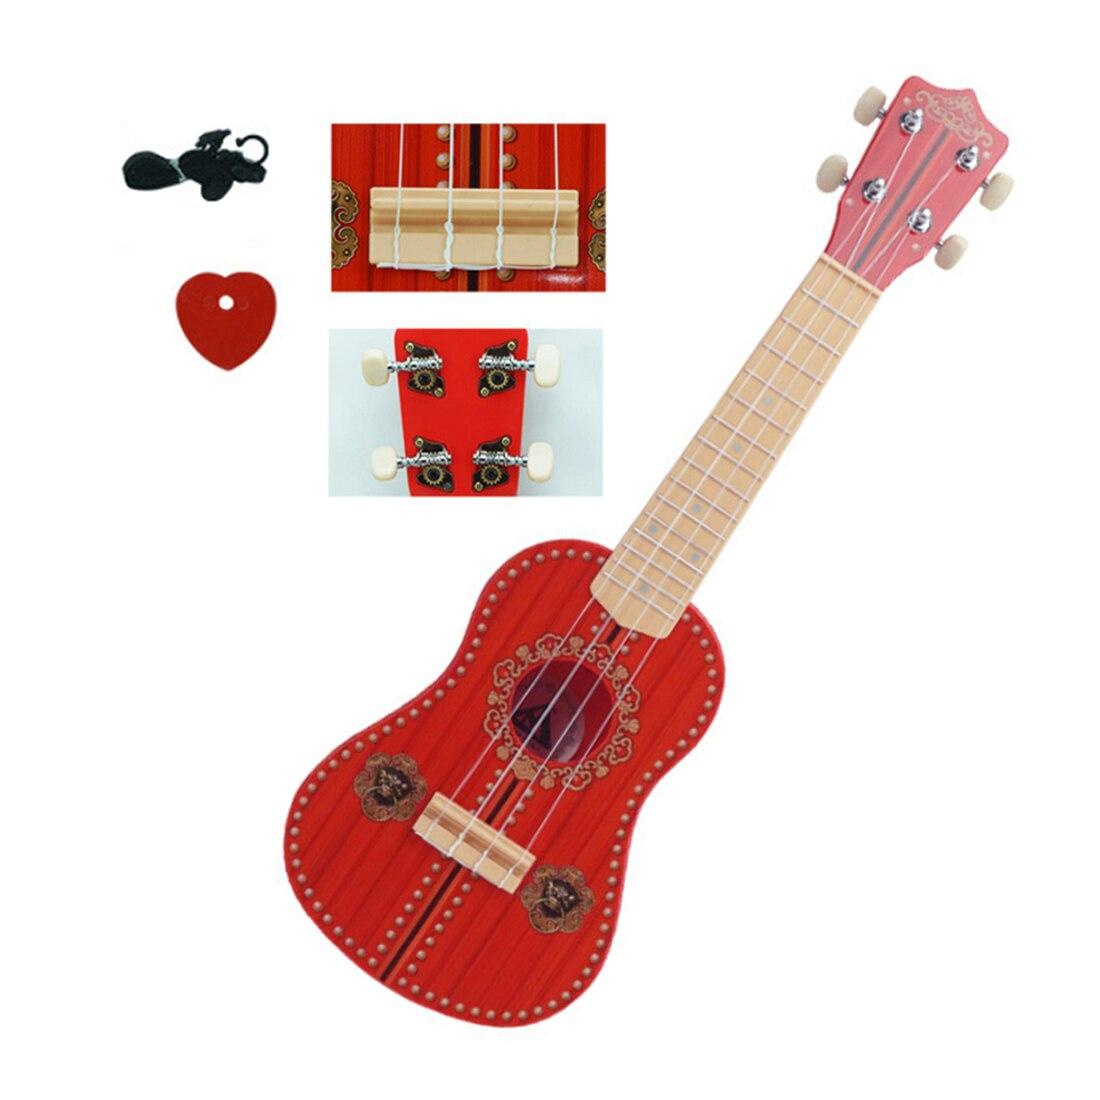 Surwish 186 série enfants éducation précoce Instrument de musique guitare ukulélé avec 4 cordes Support Kit d'apprentissage enfant